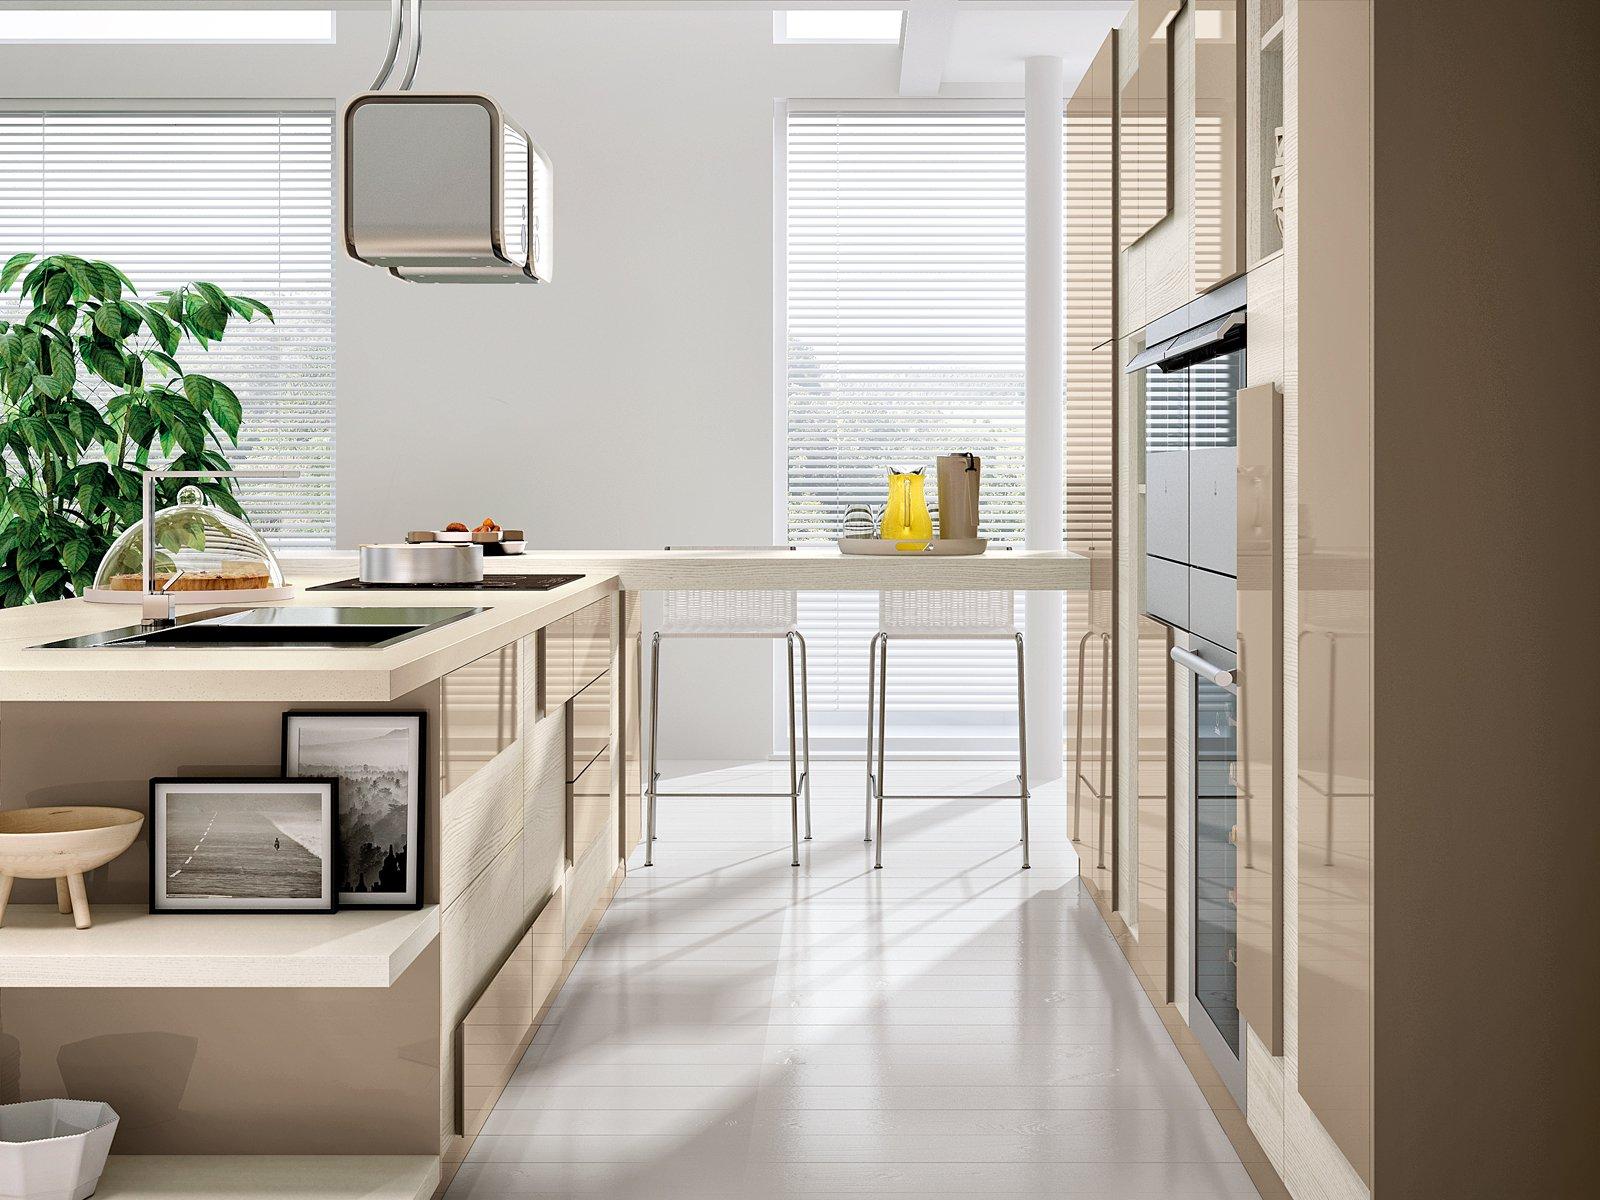 La cucina in soggiorno cose di casa - Cucine ikea con penisola ...